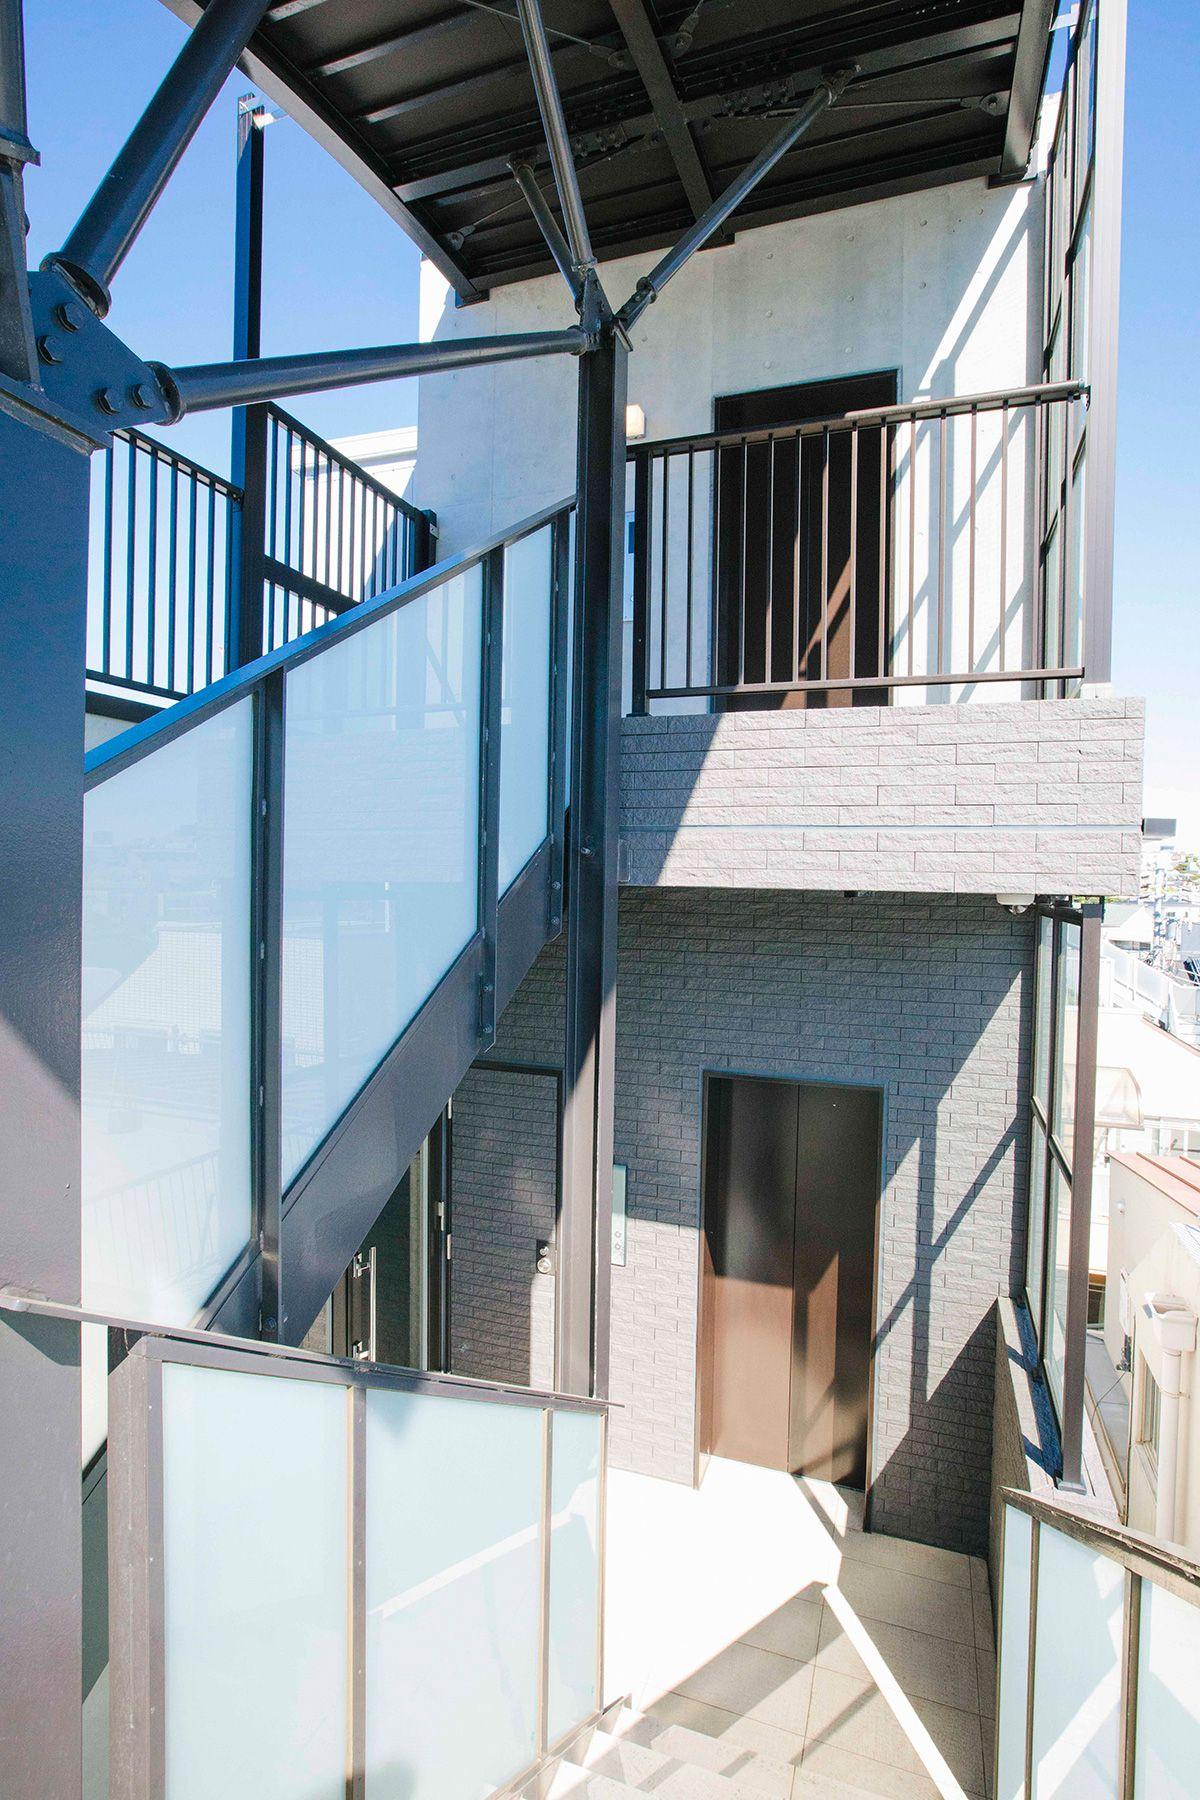 STUDIO LAILA (スタジオ ライラ)屋上までの階段